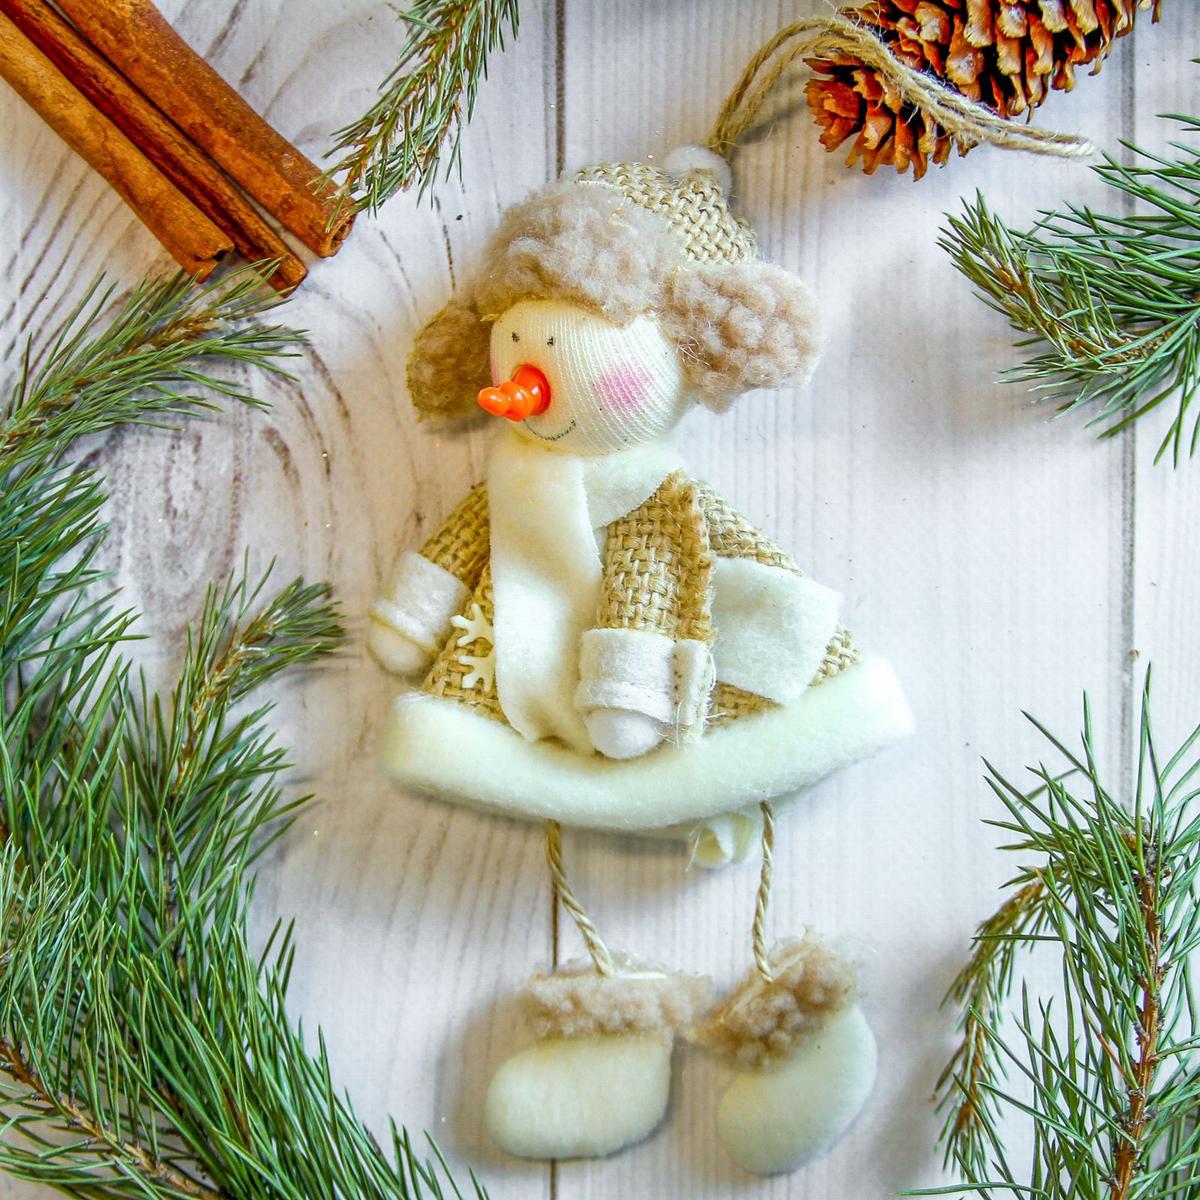 Украшение новогоднее подвесное Снеговик, 7 х 17 см2357046Новогоднее украшение ручной работы отлично подойдет для декорации вашего дома и новогодней ели. С помощью специальной петельки украшение можно повесить в любом понравившемся вам месте. Но, конечно, удачнее всего оно будет смотреться на праздничной елке.Елочная игрушка - символ Нового года. Она несет в себе волшебство и красоту праздника. Такое украшение создаст в вашем доме атмосферу праздника, веселья и радости.